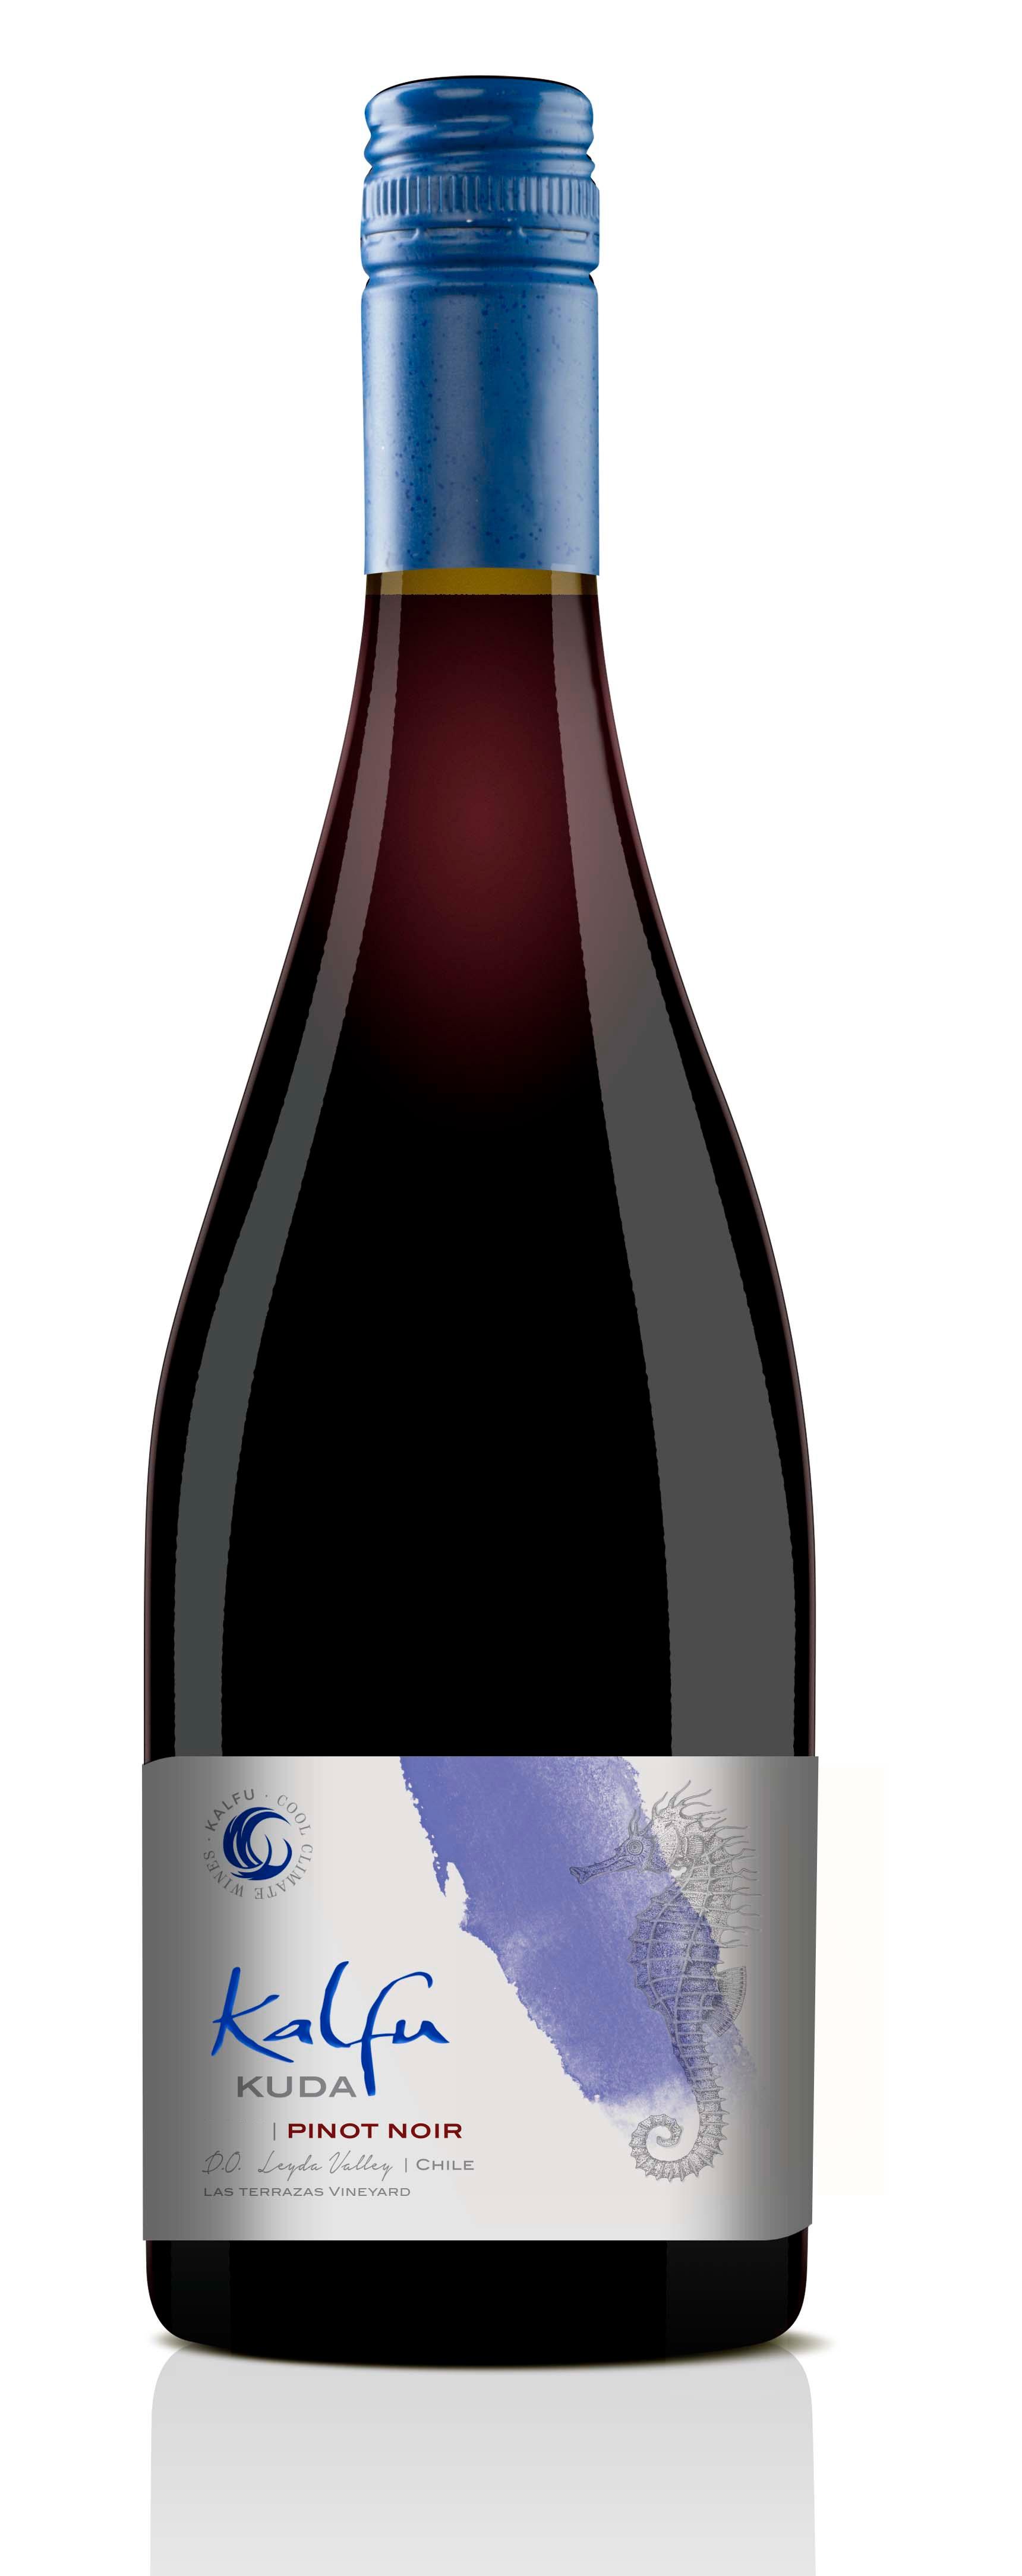 Kuda Pinot Noir